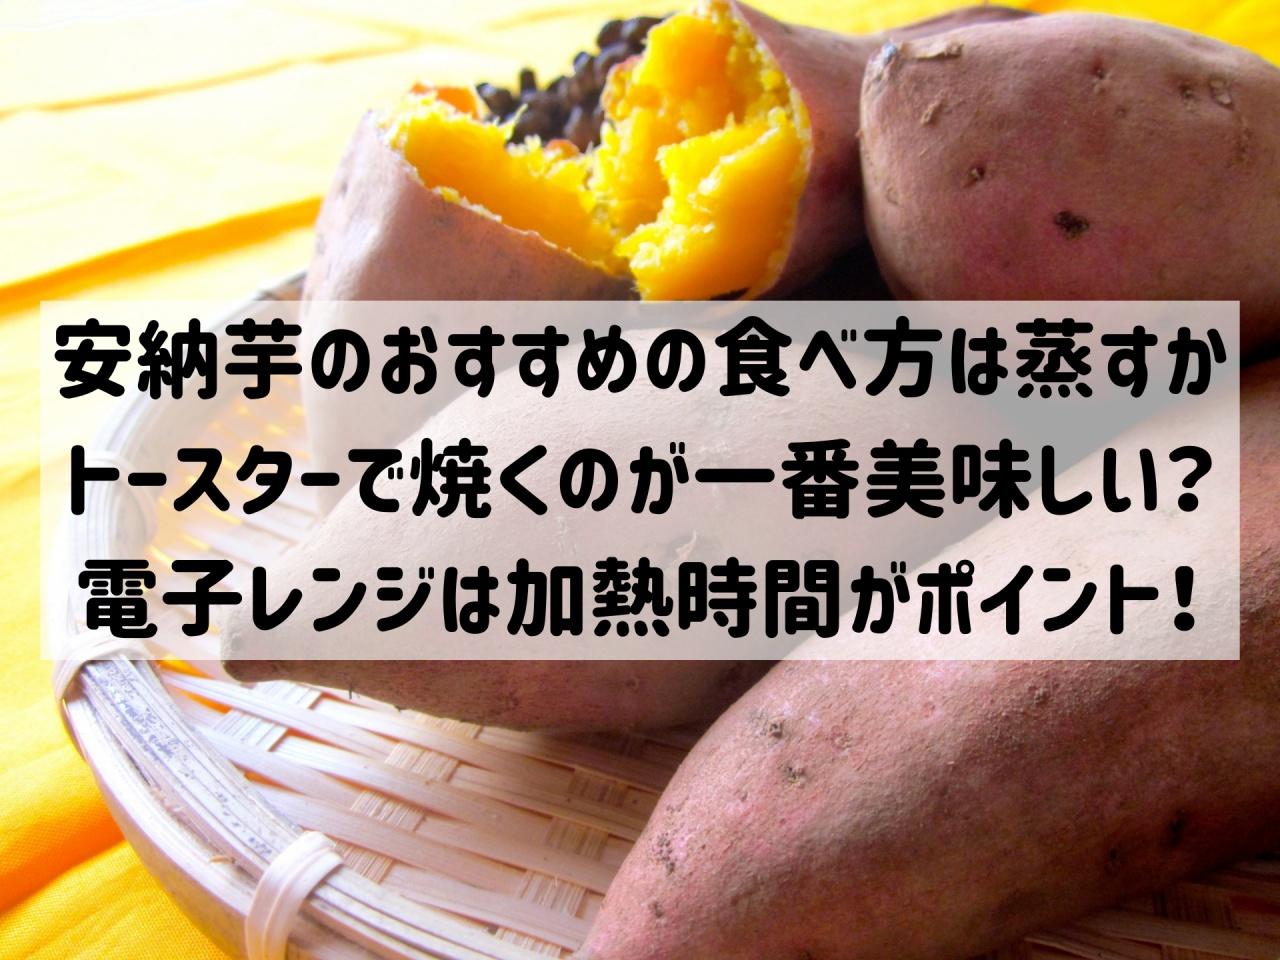 安納芋 おすすめ 食べ方